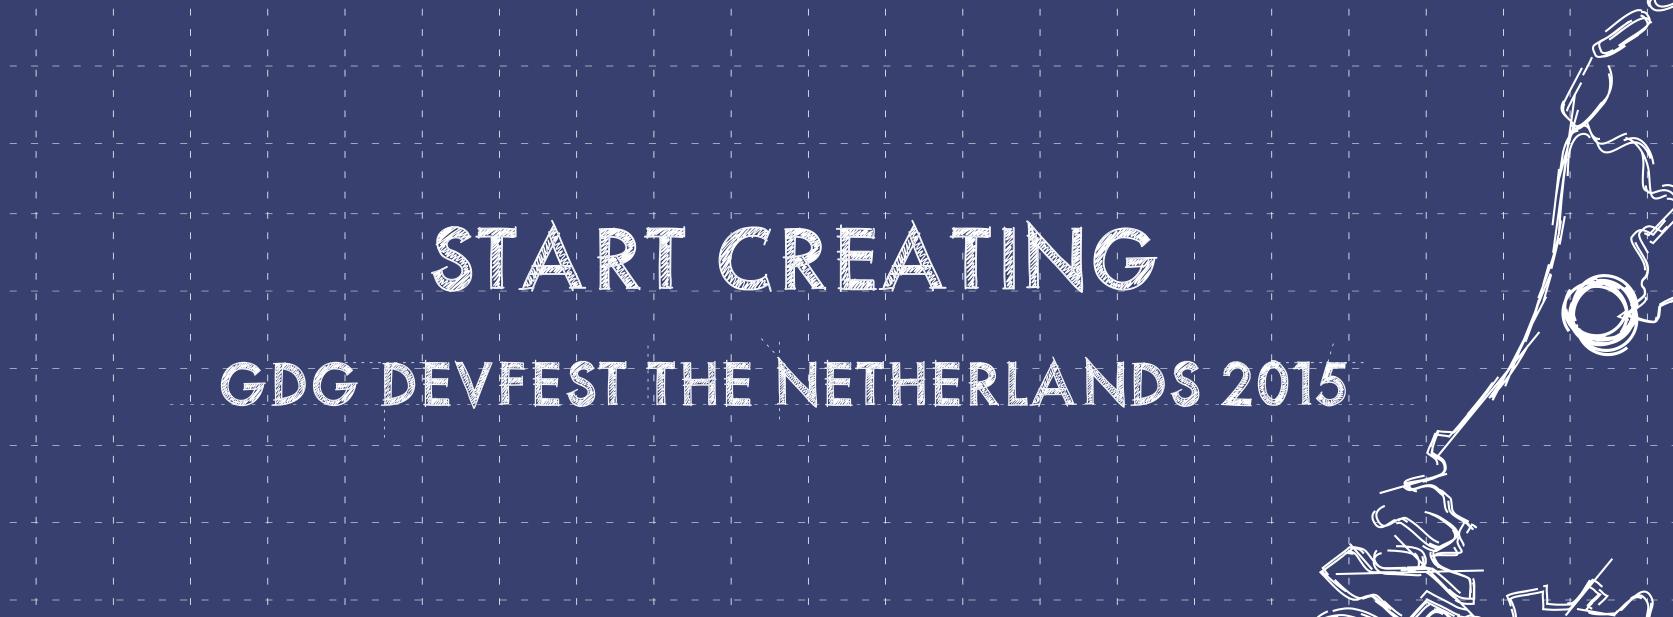 GDG DevFest NL 2015